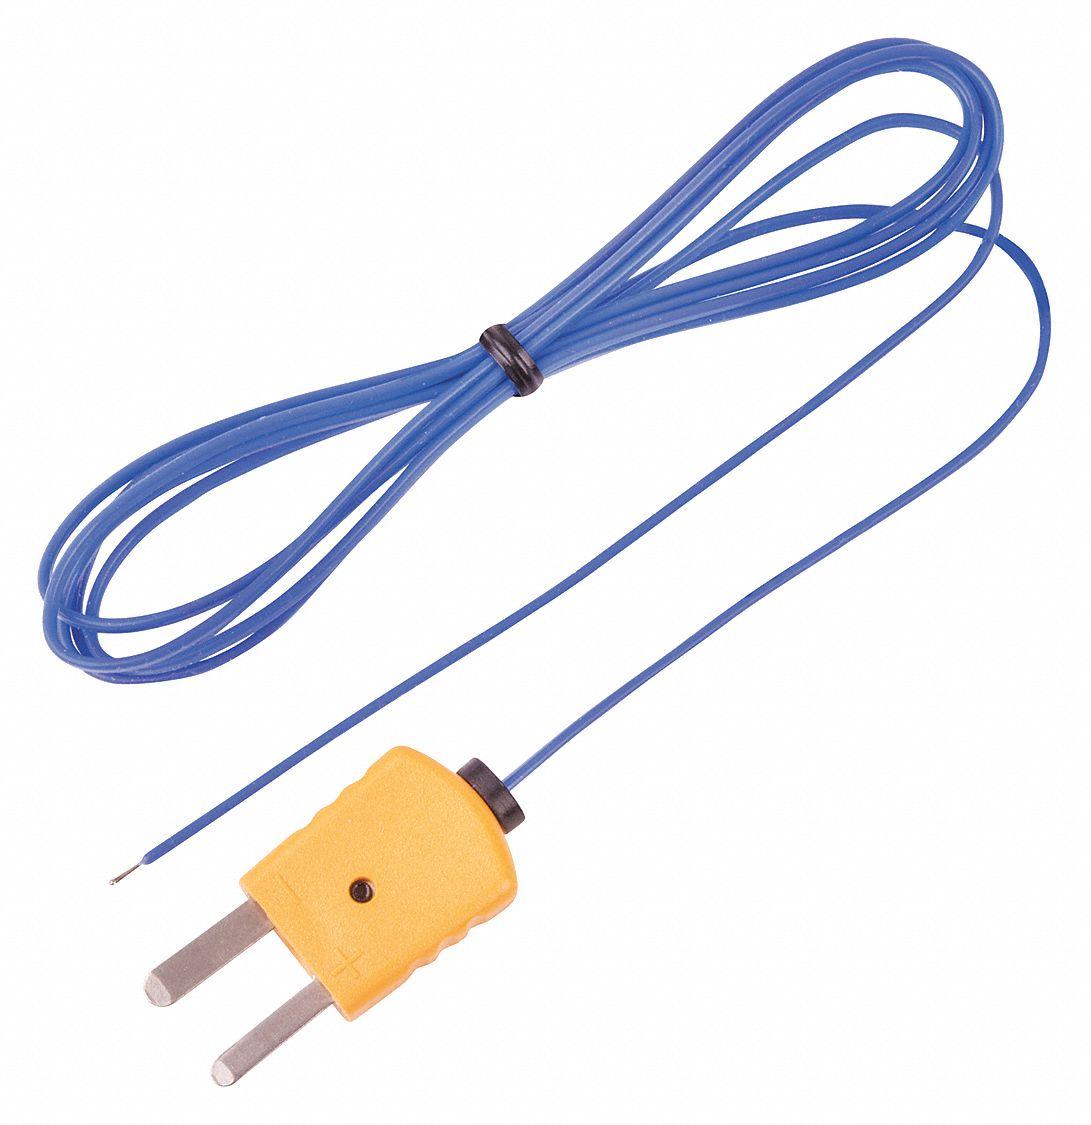 J Thermocouple Wire : Reed instruments mini k thermocouple temperature probe